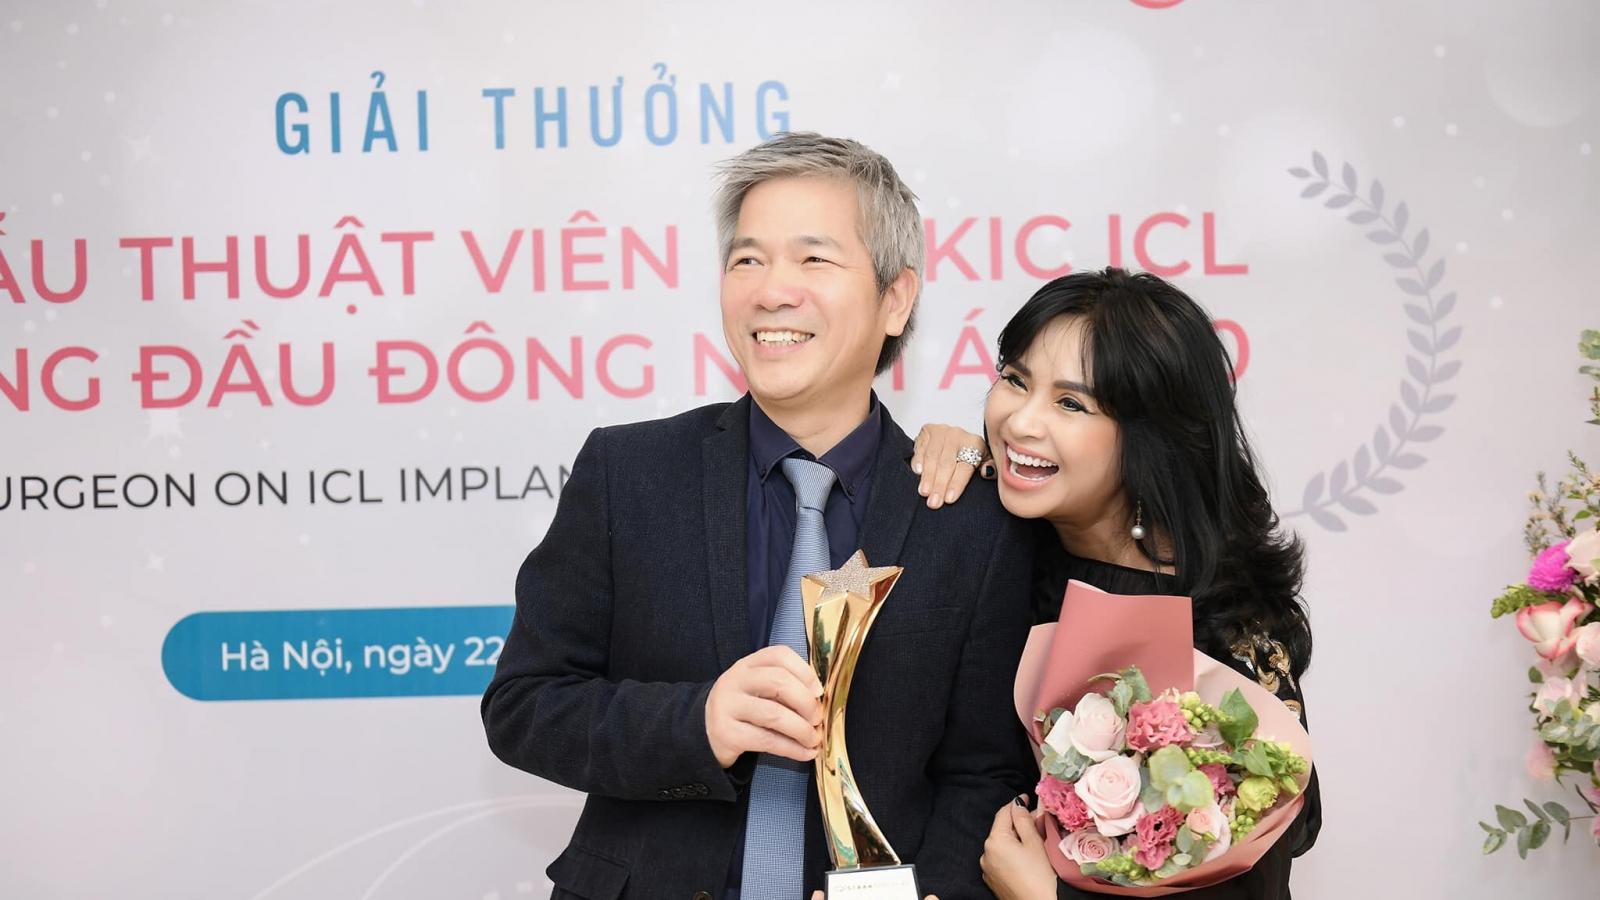 Chuyện showbiz: Diva Thanh Lam cười rạng rỡ trong ngày bạn trai nhận tin vui